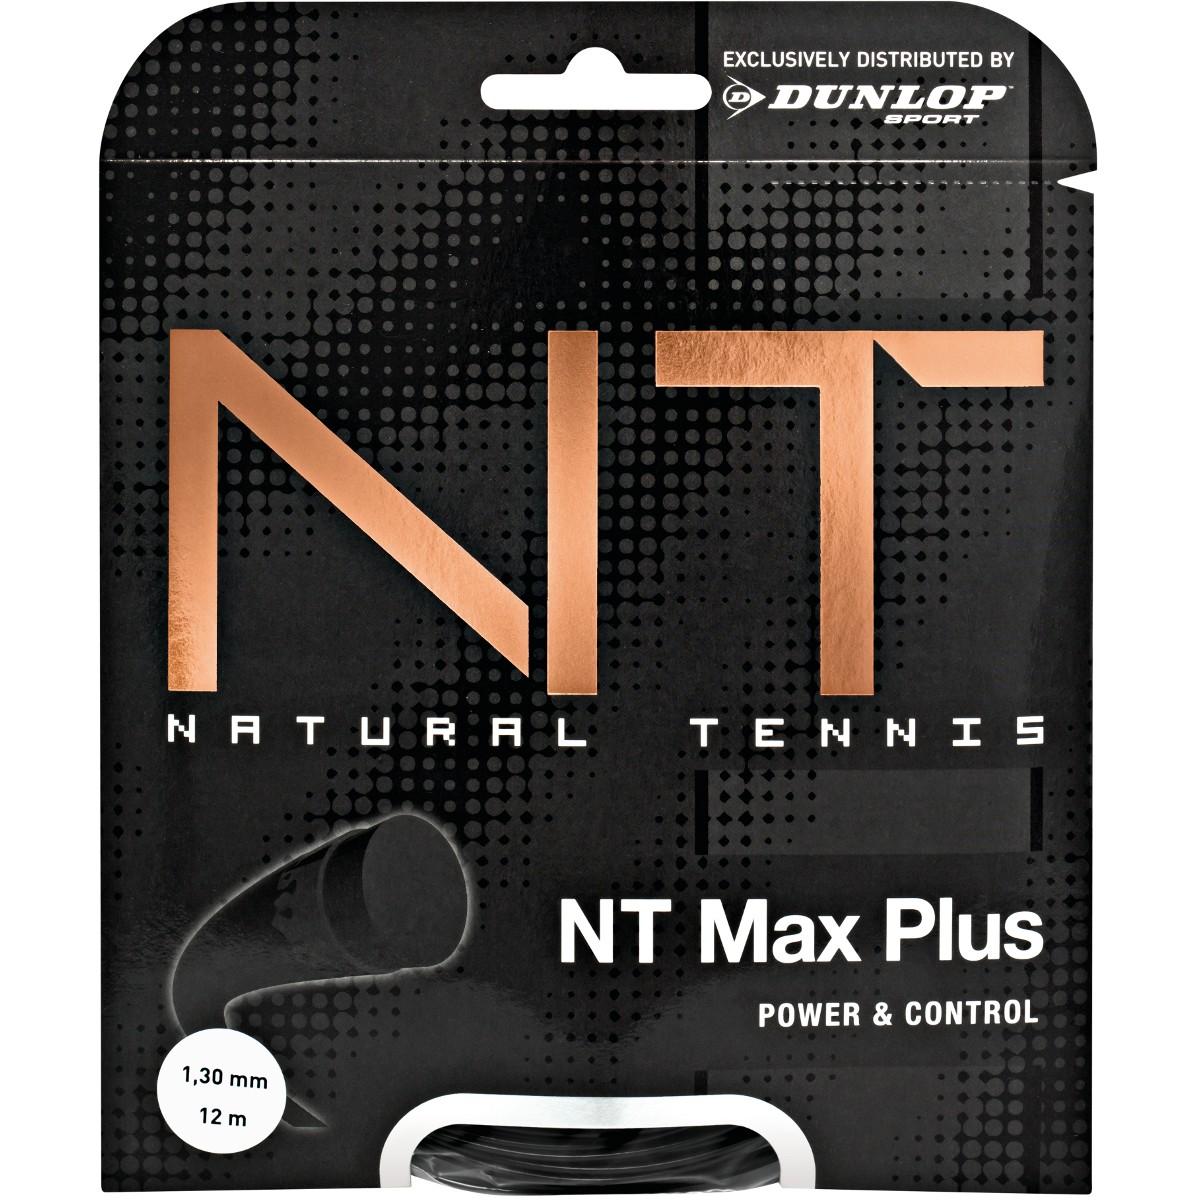 CORDAGE DUNLOP NT MAX PLUS (12 METRES)